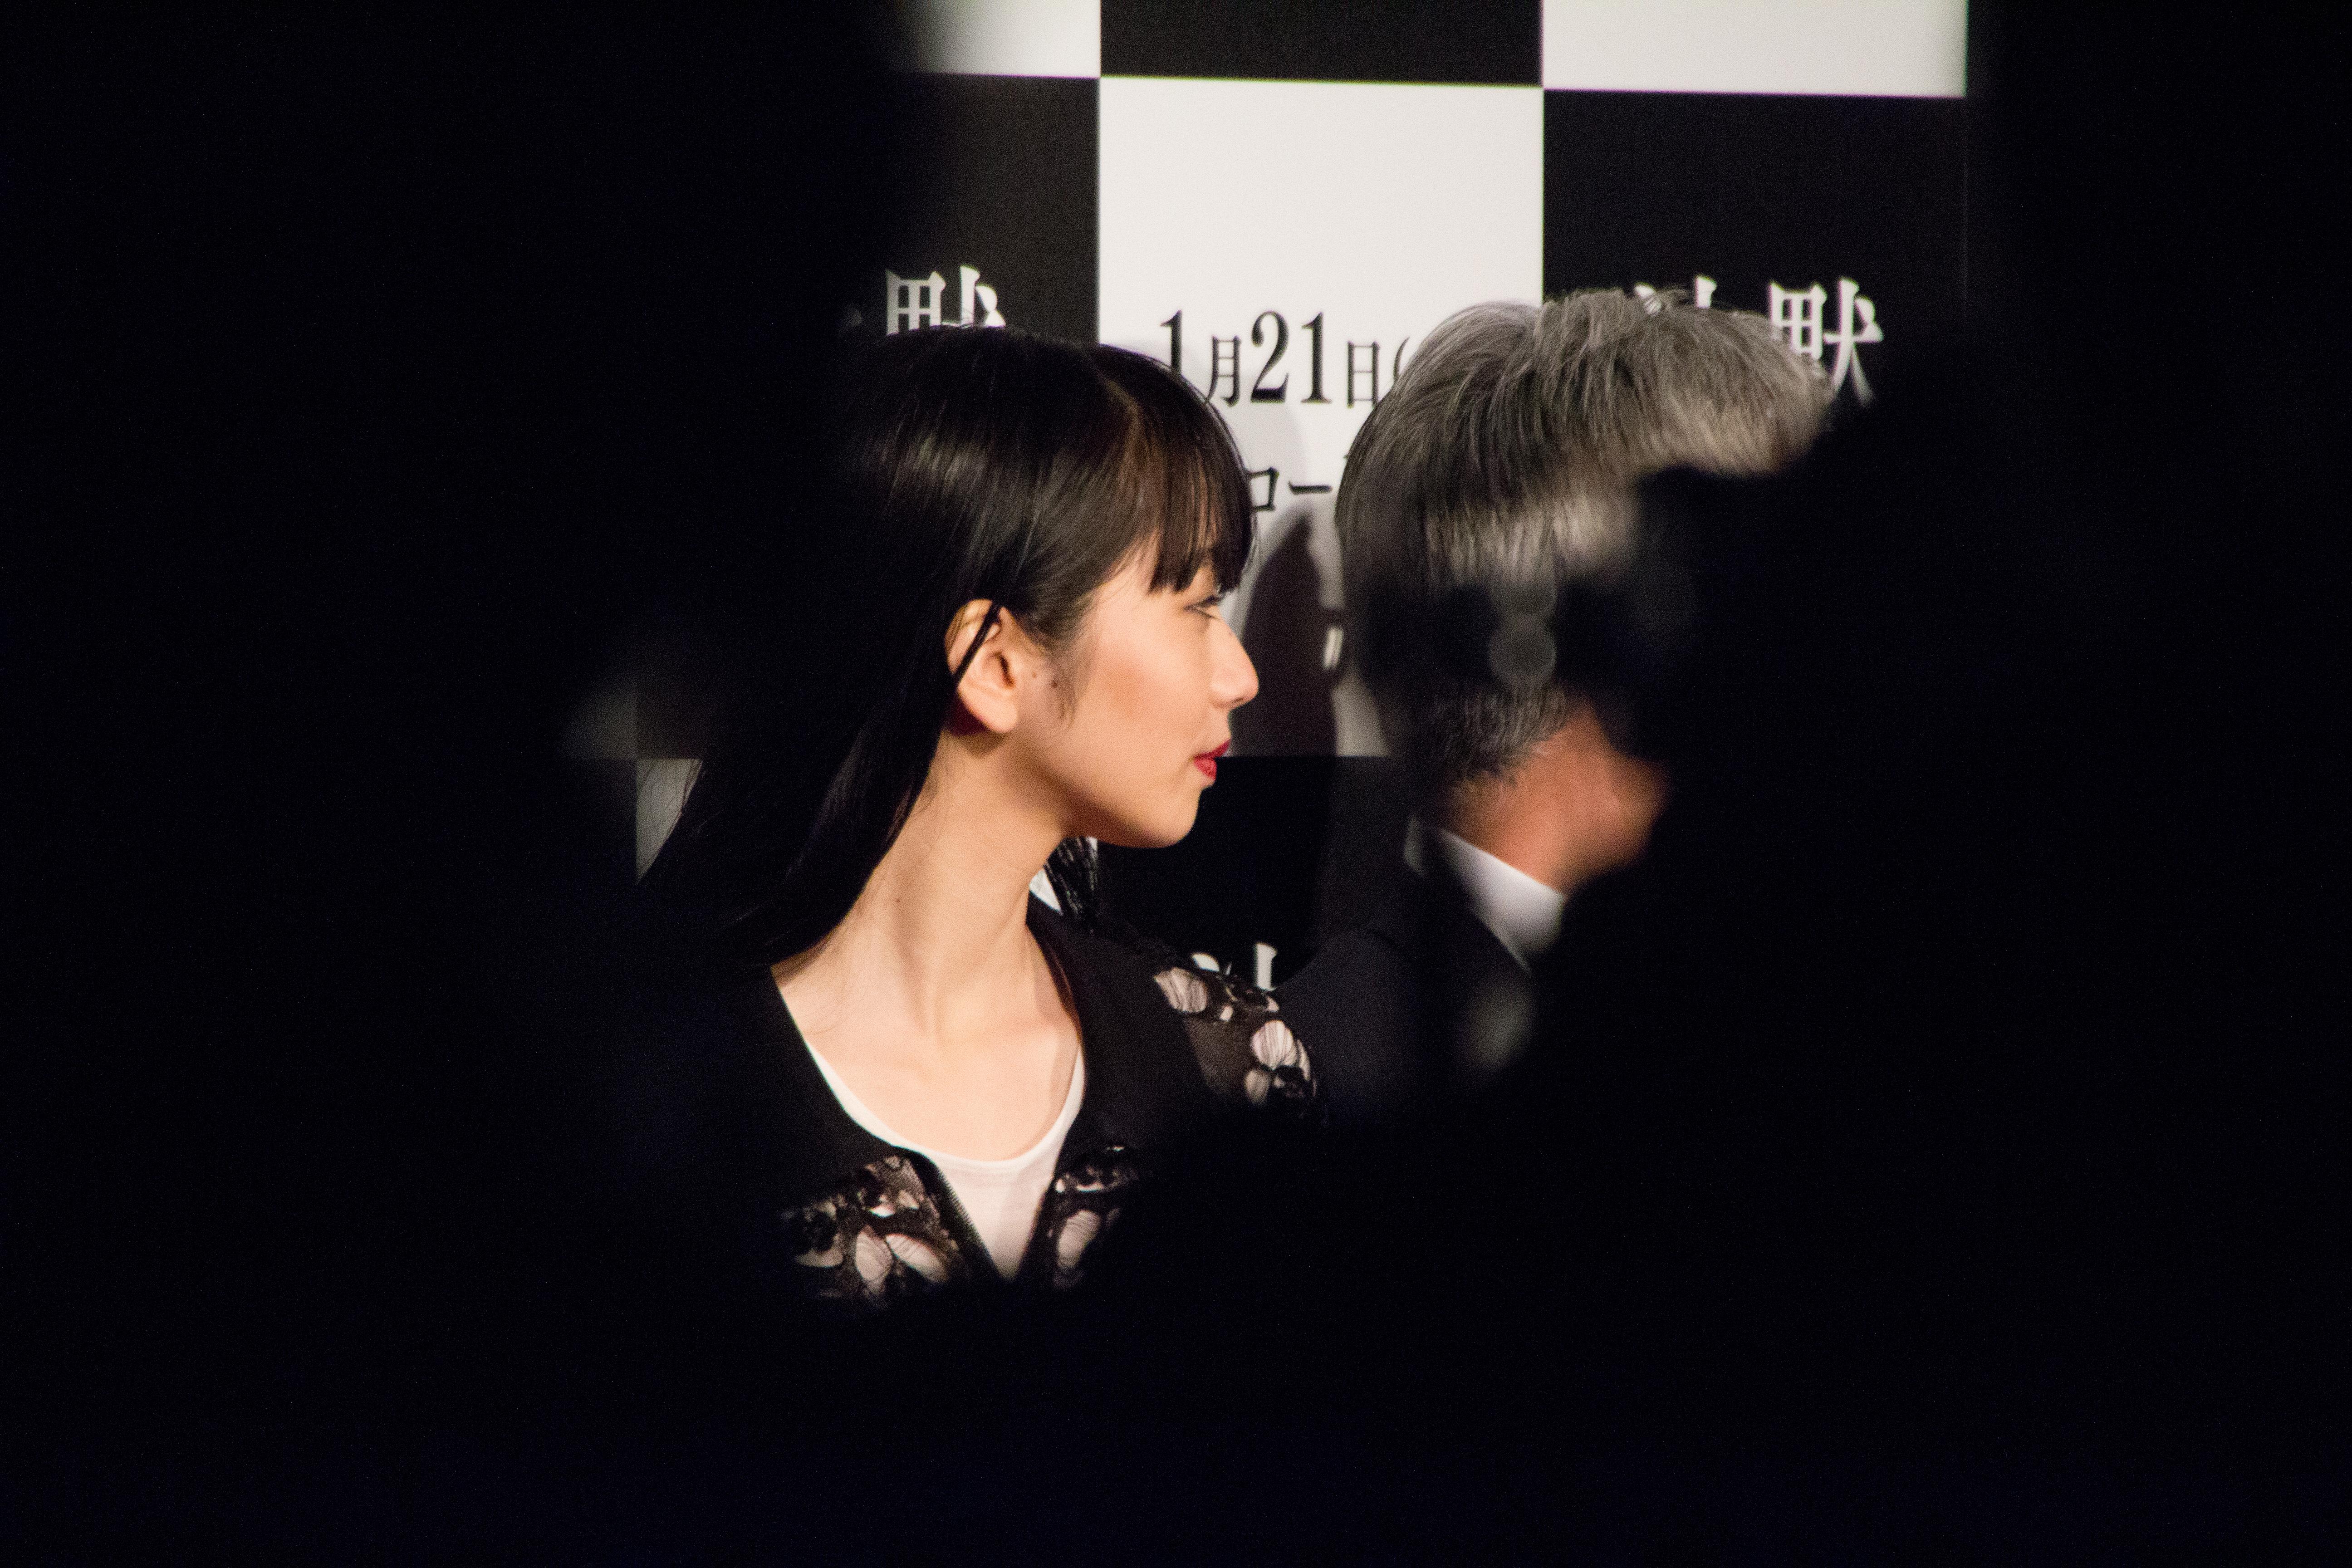 Nana Komatsu Wikipedia